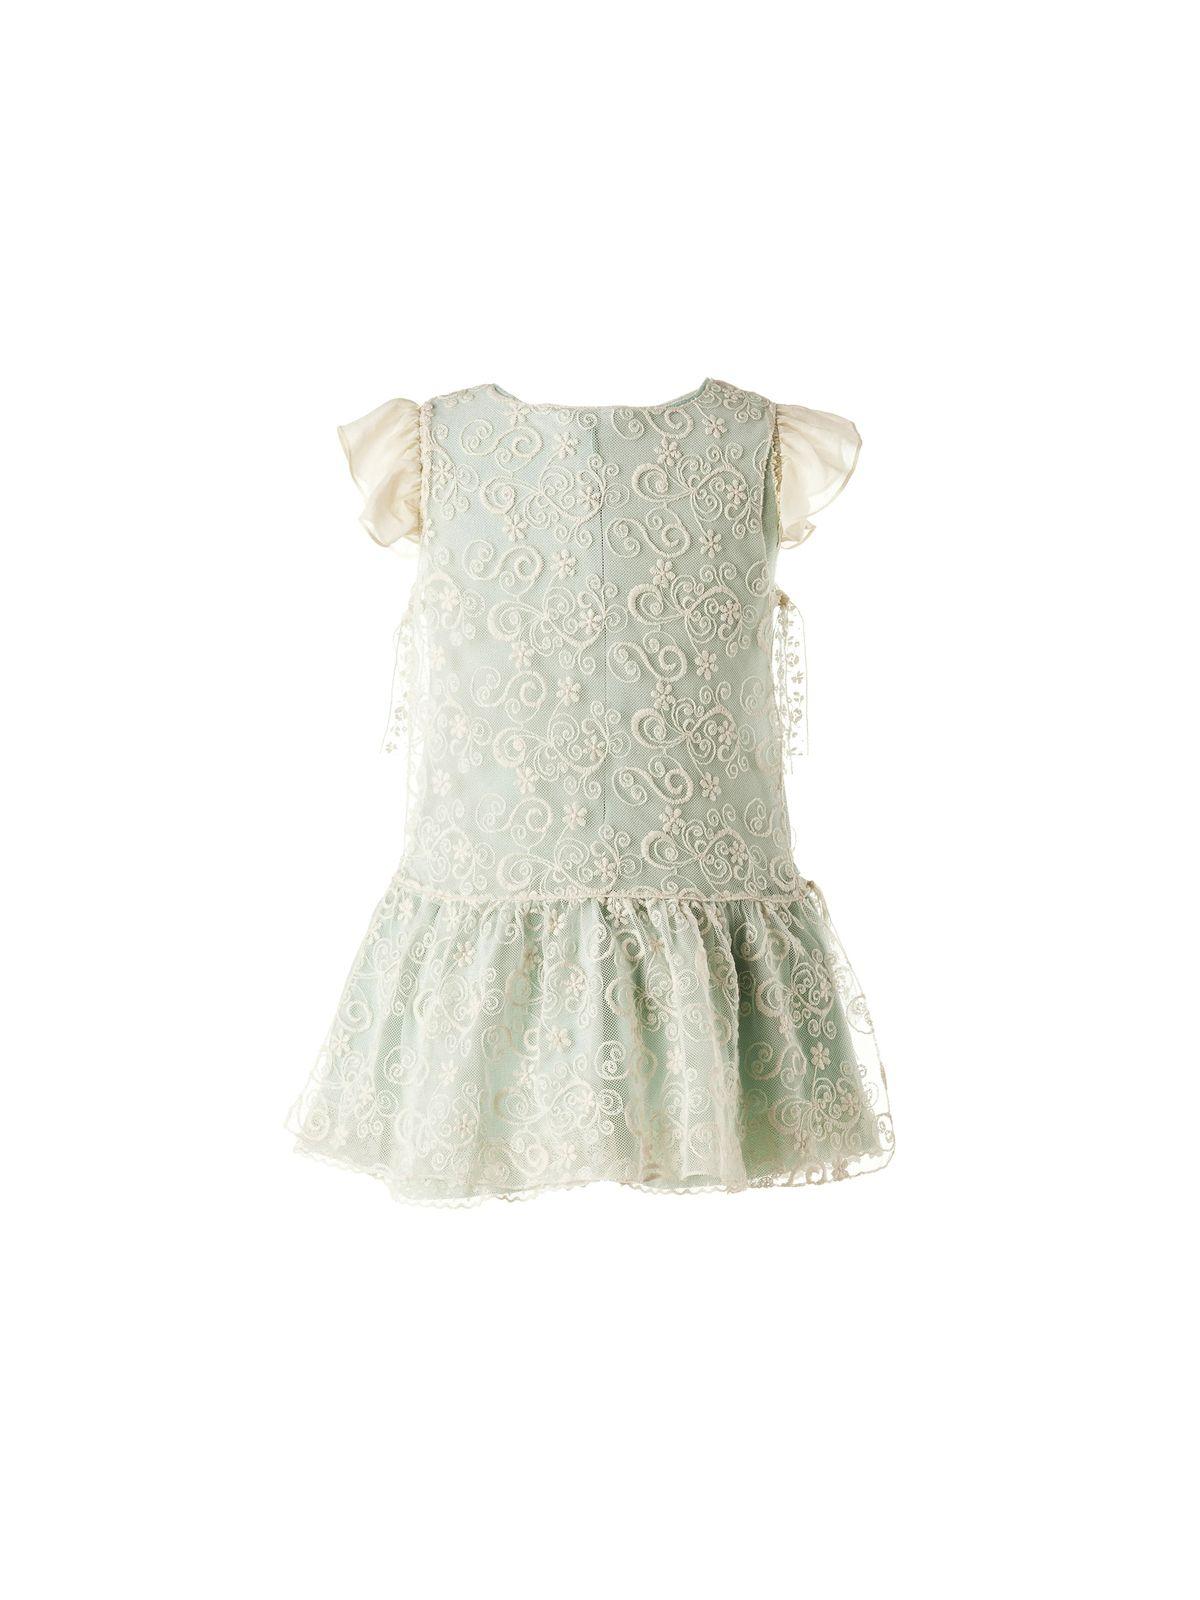 a6a7b05d NANOS SHOP ONLINE. Detalle Love Bugs, Little Princess, Kids Clothing,  Little Girls